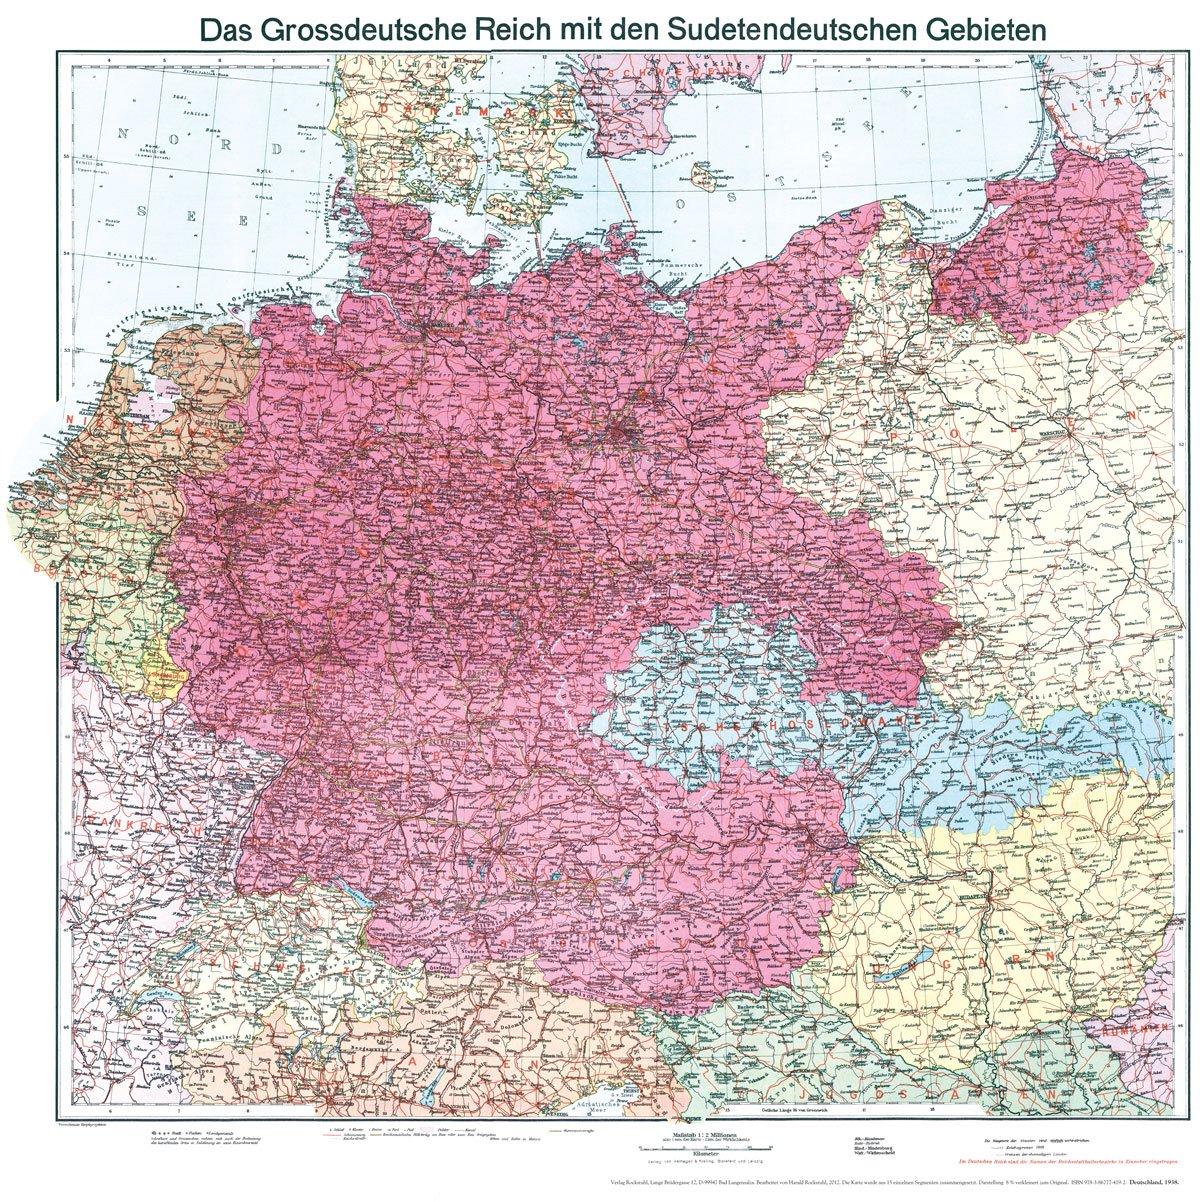 Historische Karte Deutschland 1938 Das Grossdeutsche Reich Mit